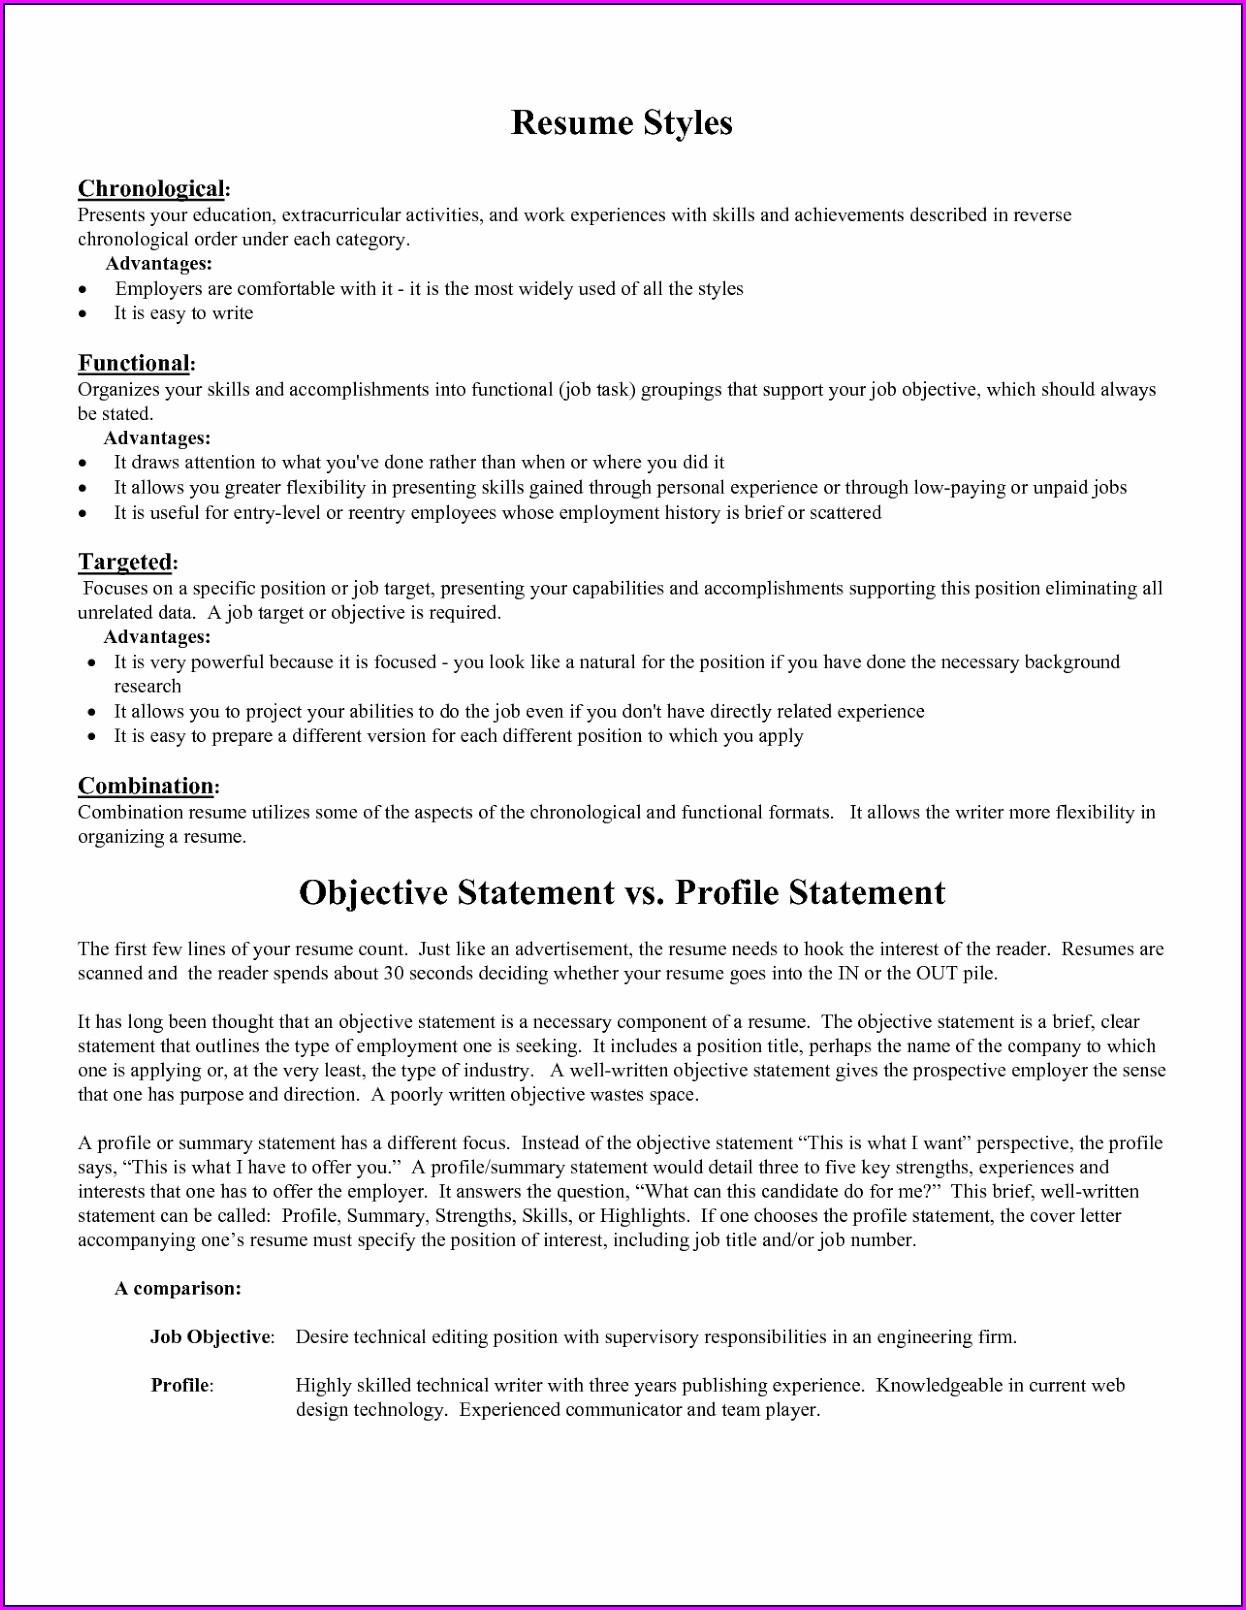 Sample Resume Dental Assistant Objective